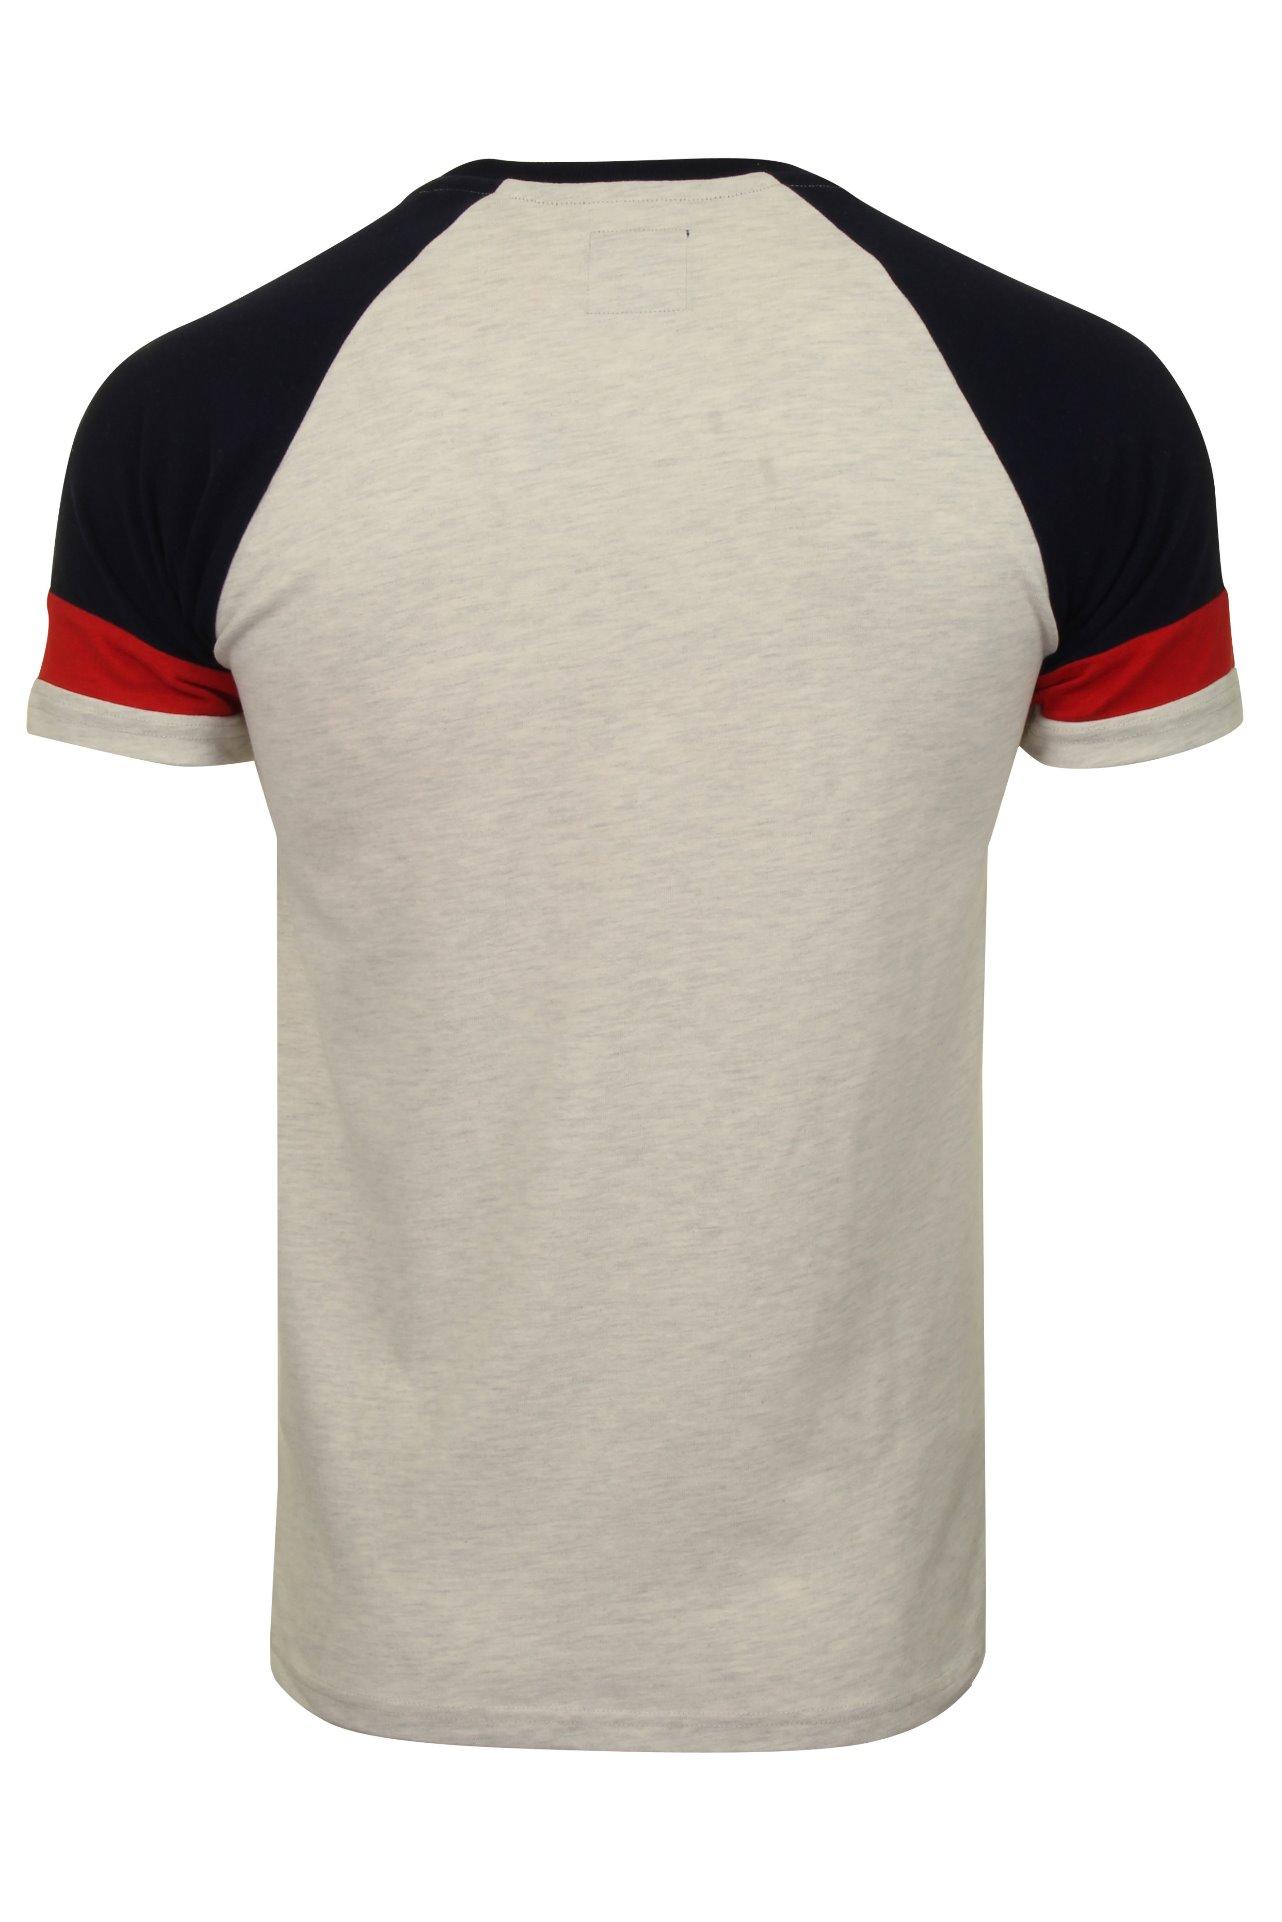 Superdry-Homme-Raglan-T-shirt-034-VL-tri-couleur-Raglan-Tee-034-a-Manches-Courtes miniature 8